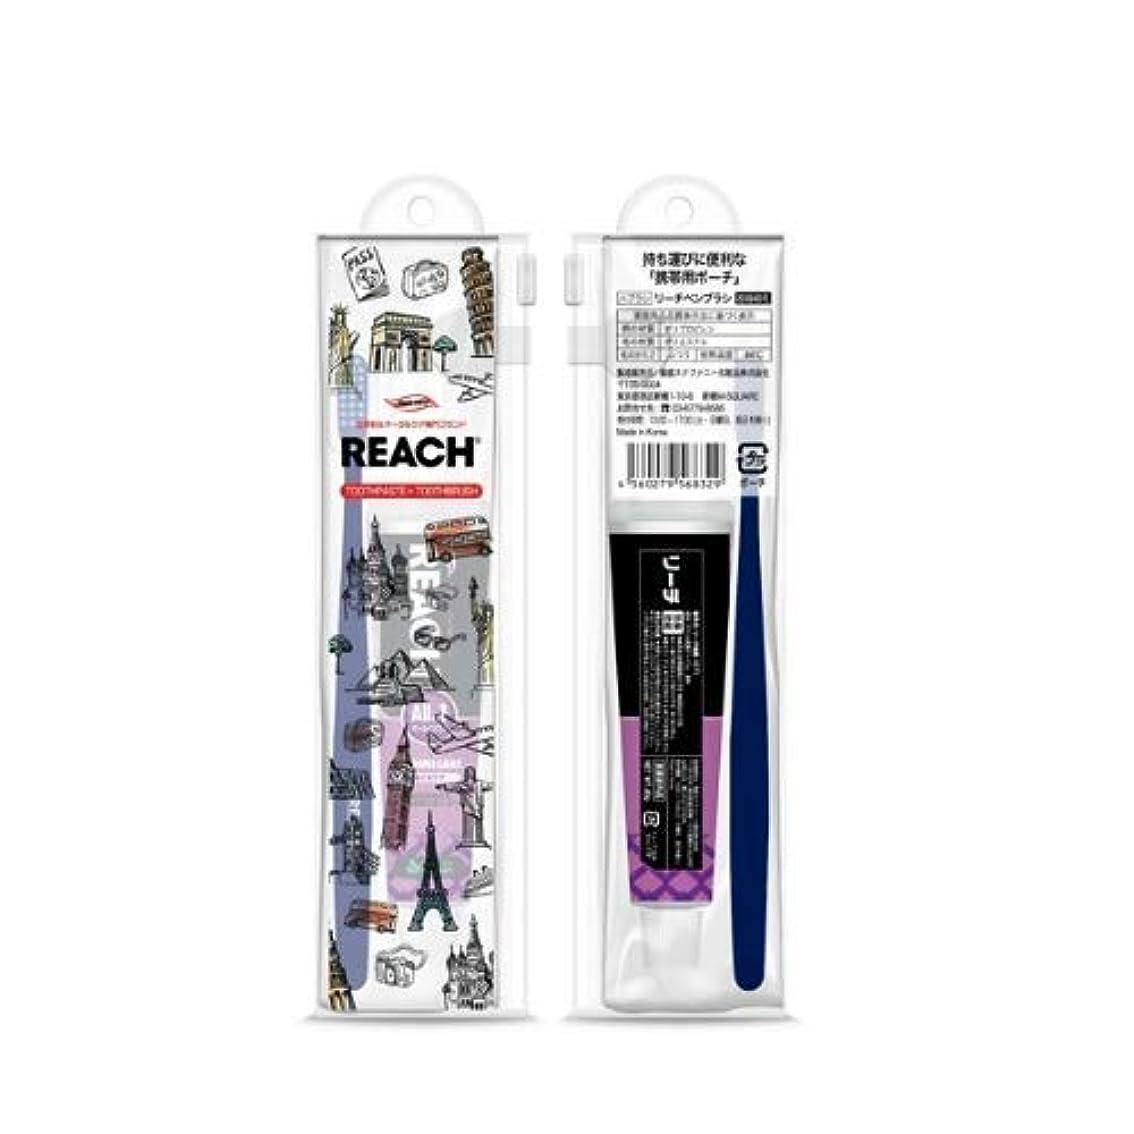 やさしい箱特異性リーチトラベルセット(デンタル歯ブラシ1本?薬用歯みがき40g) × 10個セット